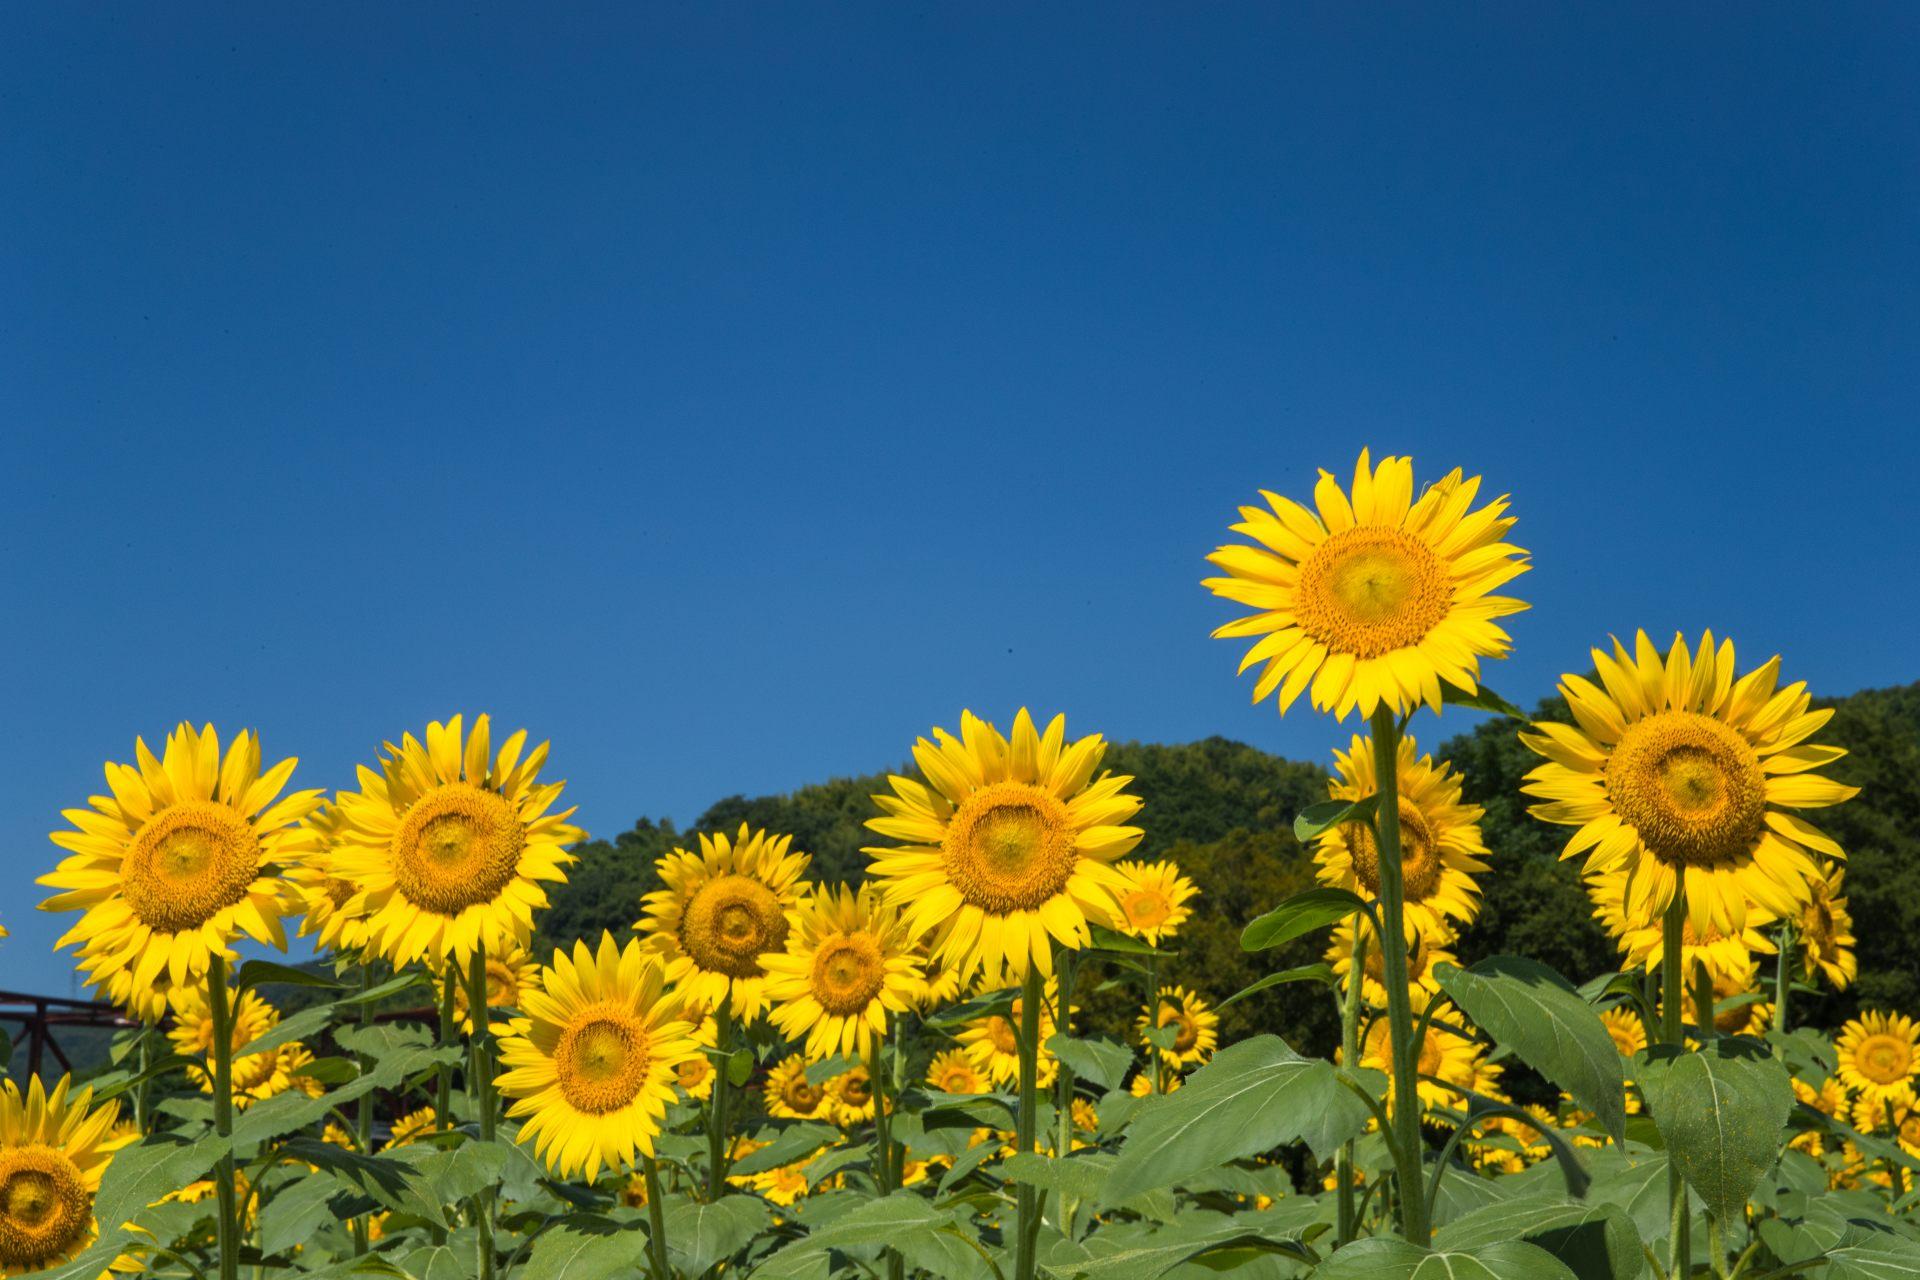 秋天裡向日葵競相盛開的「館矢間向日葵祭」